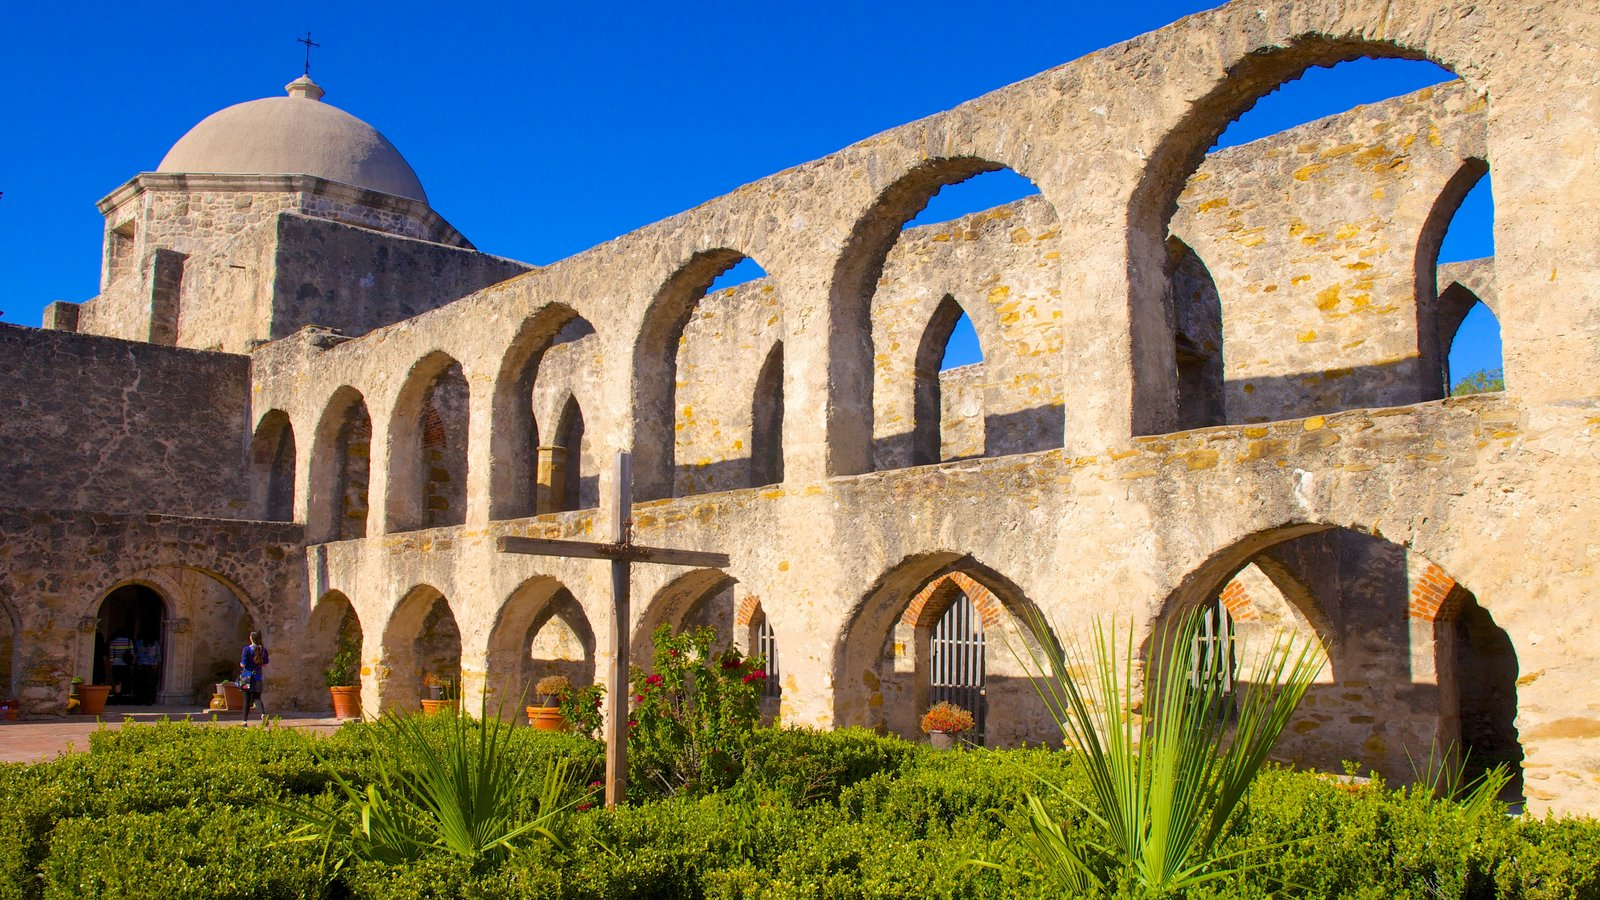 Parque Nacional de San Antonio Missions mostrando patrimonio de arquitectura, un jardín y una iglesia o catedral